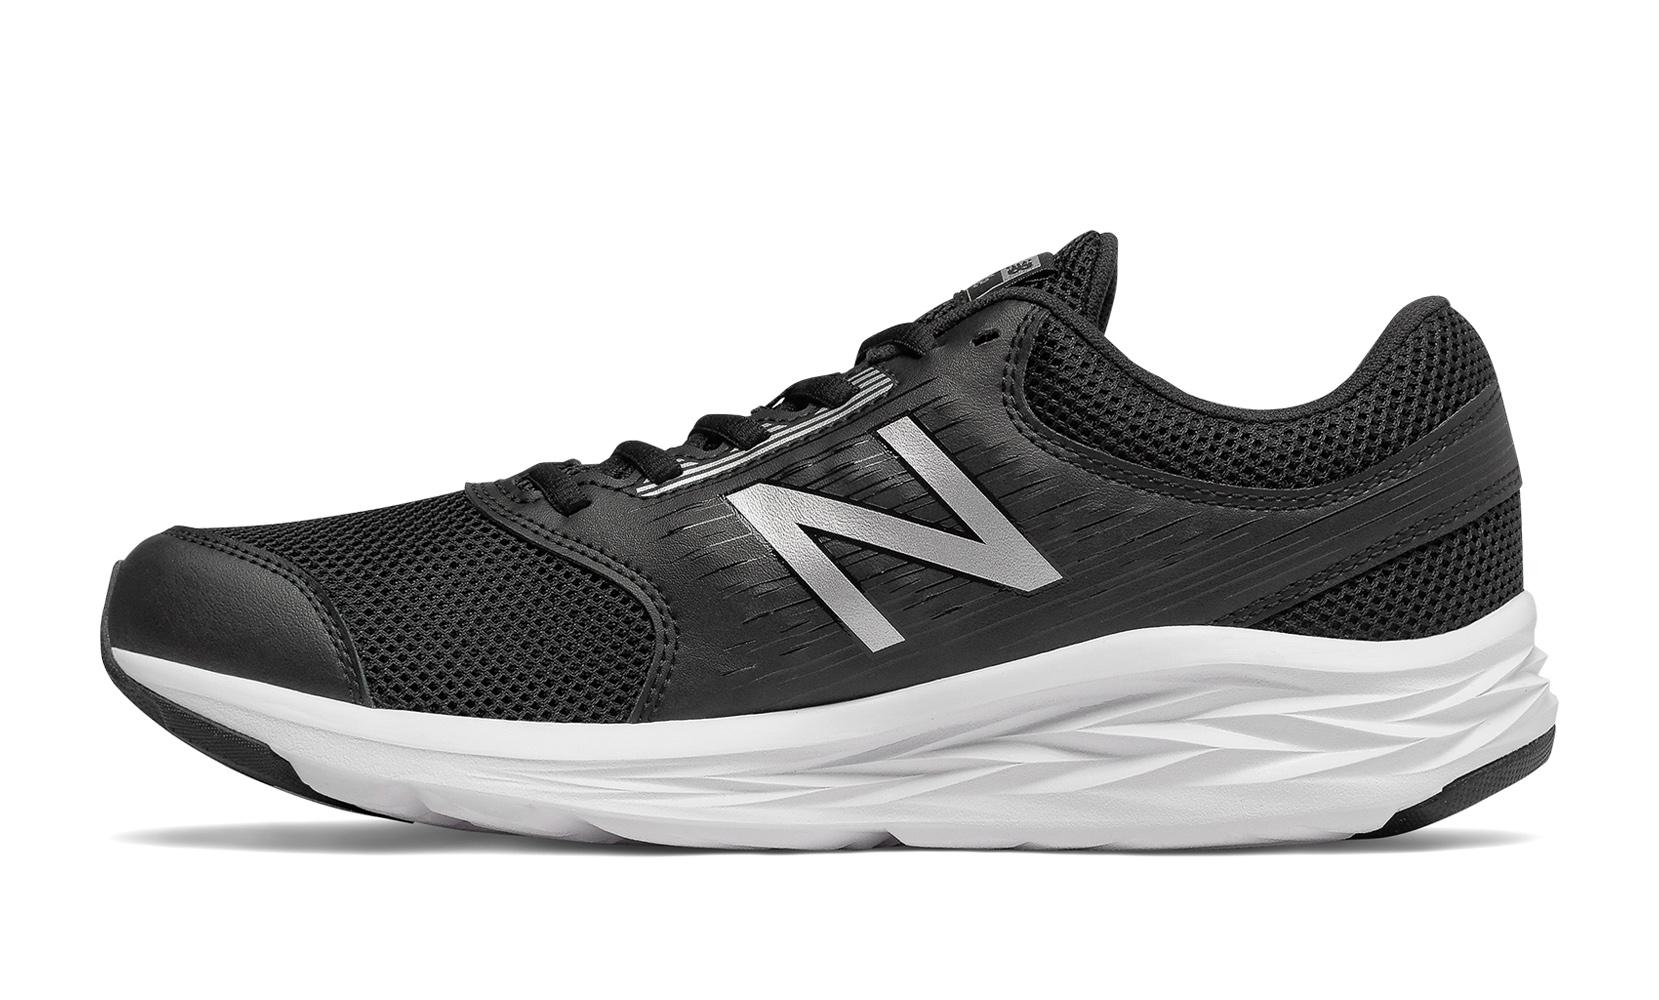 Чоловіче взуття для тренувань New Balance 411 TechRide v1 M411LB1 | New Balance